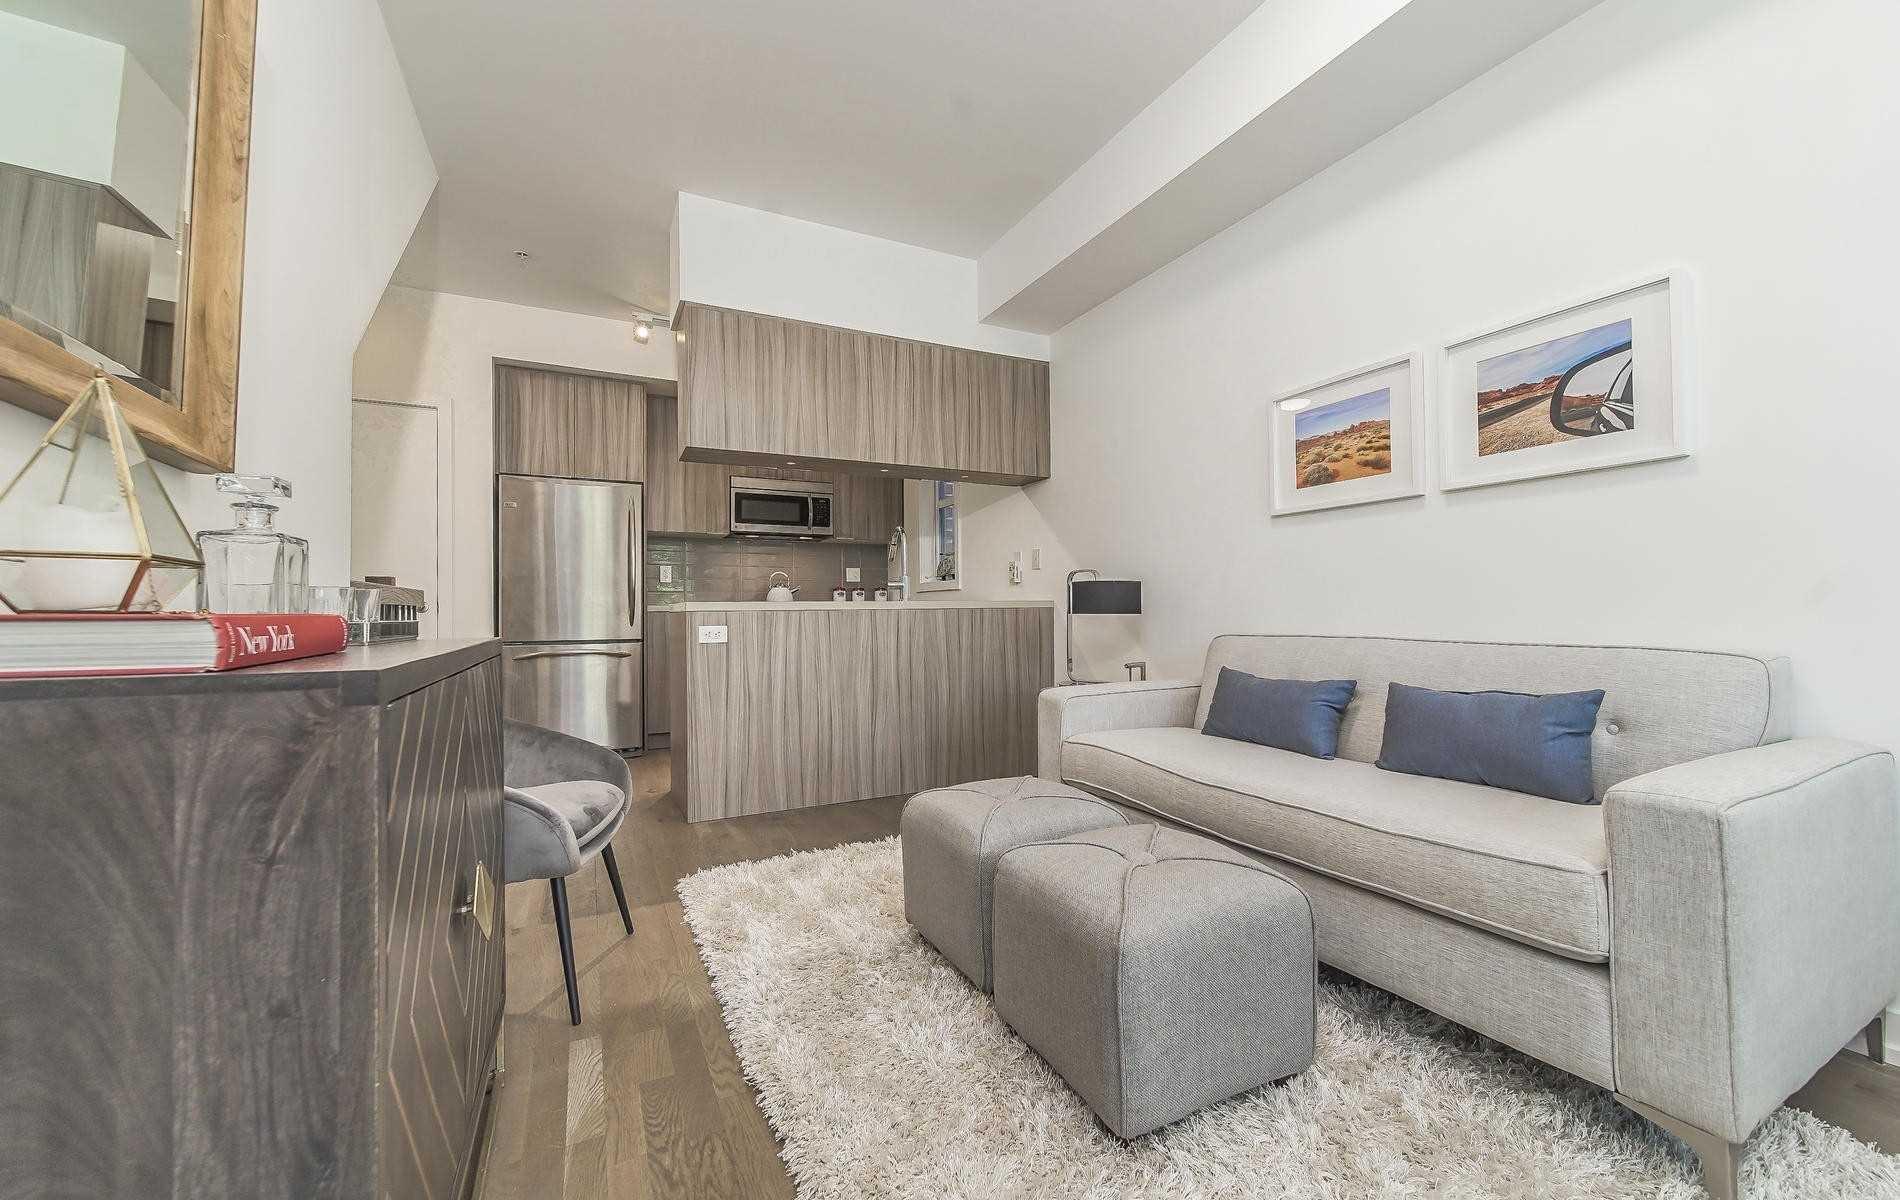 Main Photo: Th 11 150 Broadview Avenue in Toronto: South Riverdale Condo for sale (Toronto E01)  : MLS®# E4519038